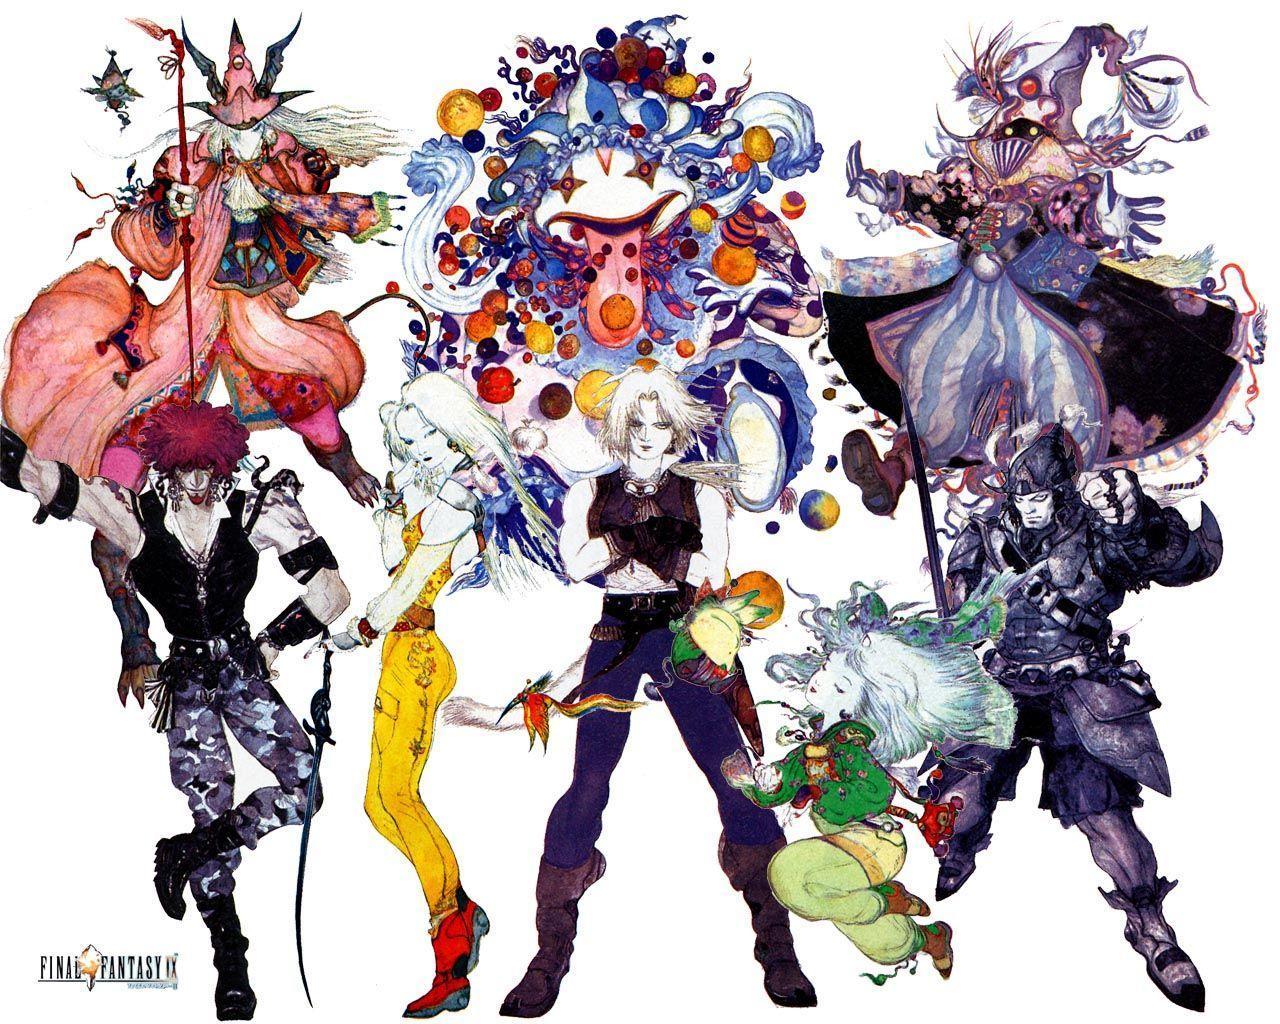 Final Fantasy Ix Wallpaper: Final Fantasy IX Wallpapers